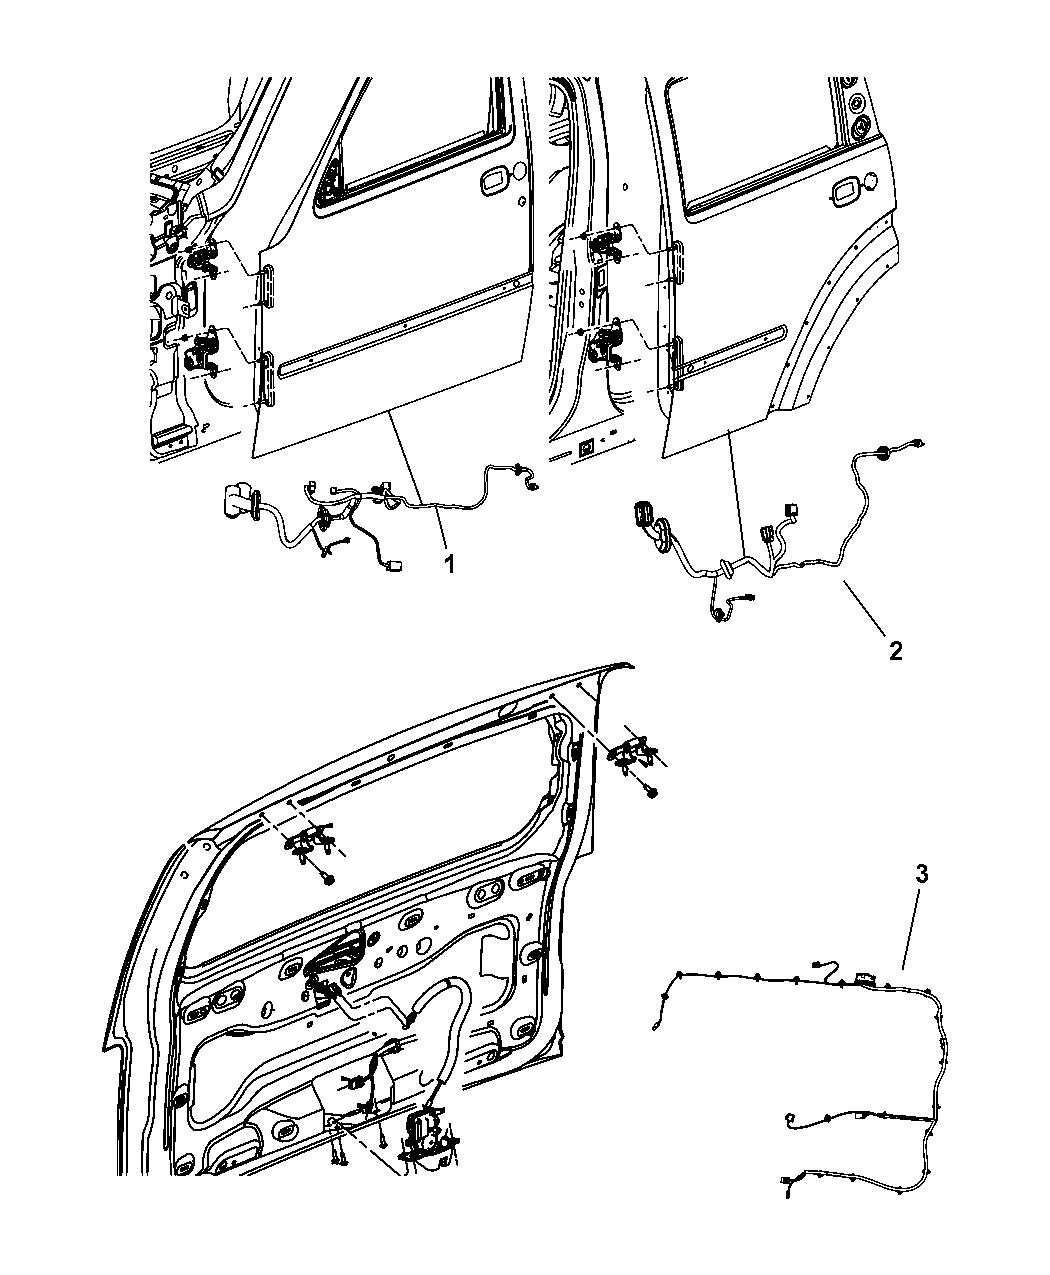 Dodge Ram Serpentine Belt Routing